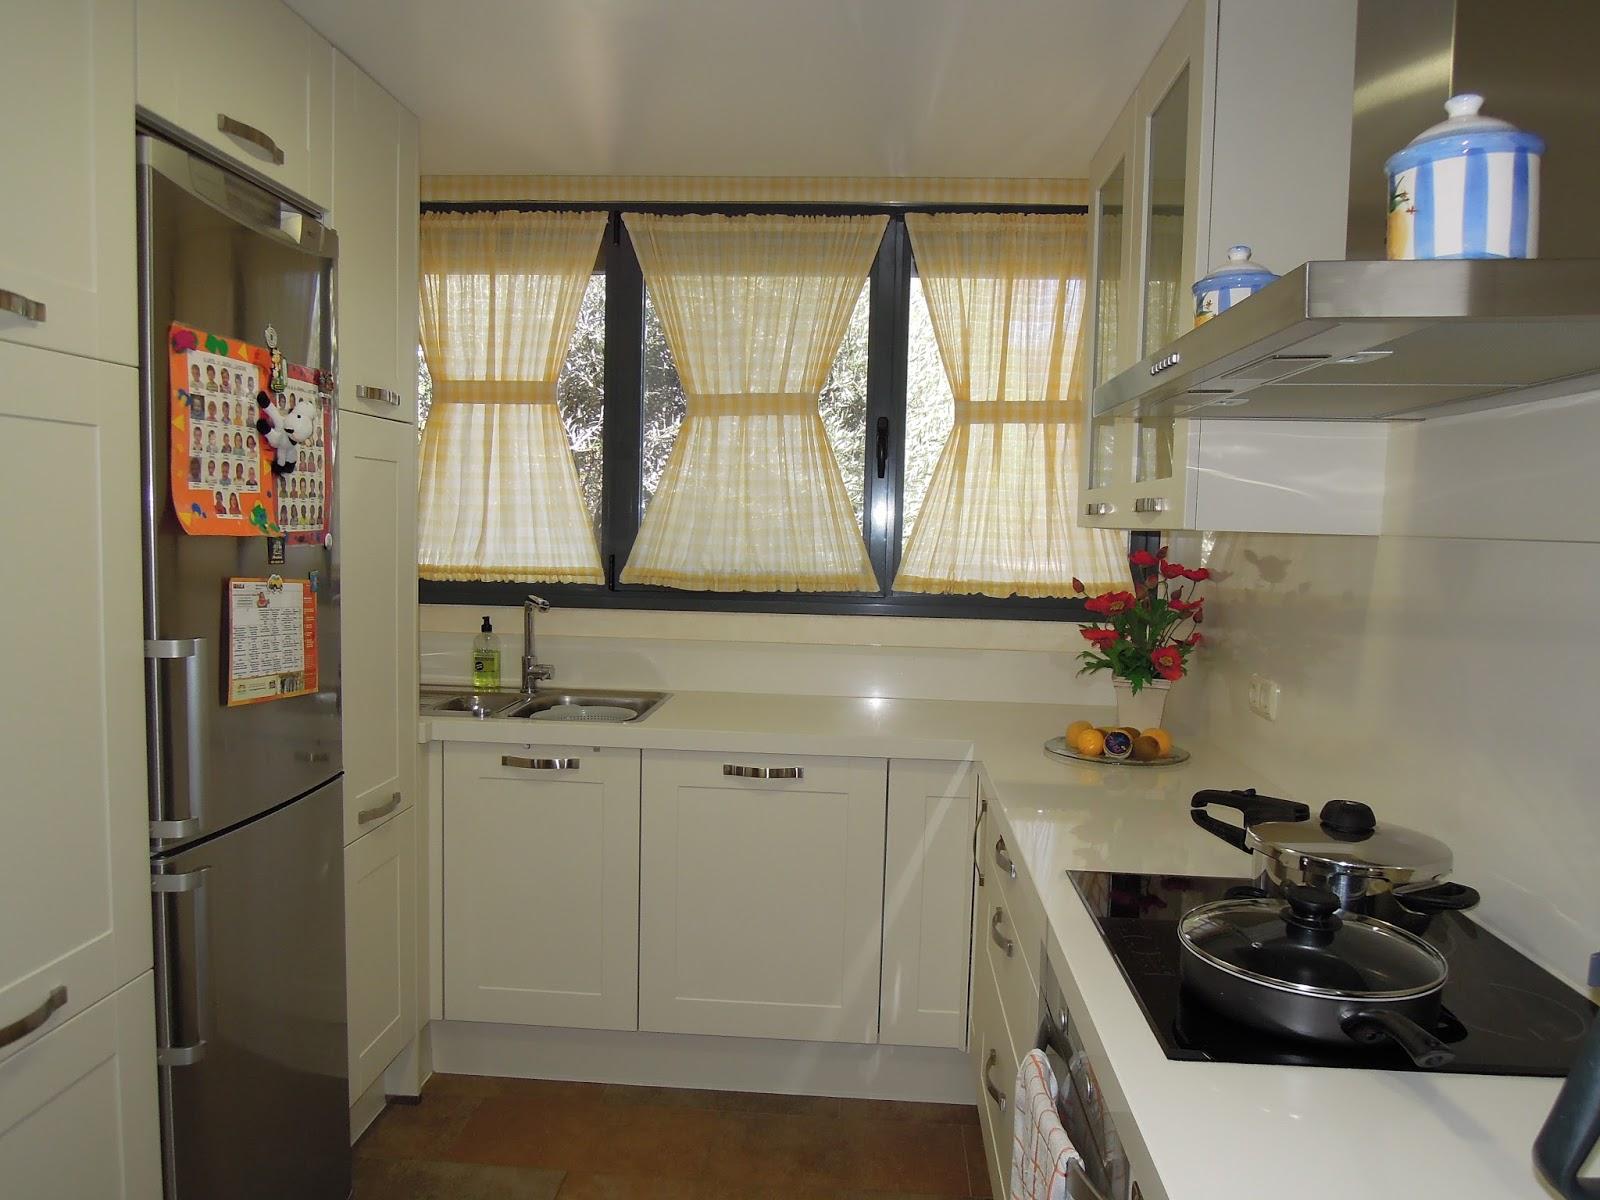 Fotos de cortinas for Visillos para cocina confeccionados